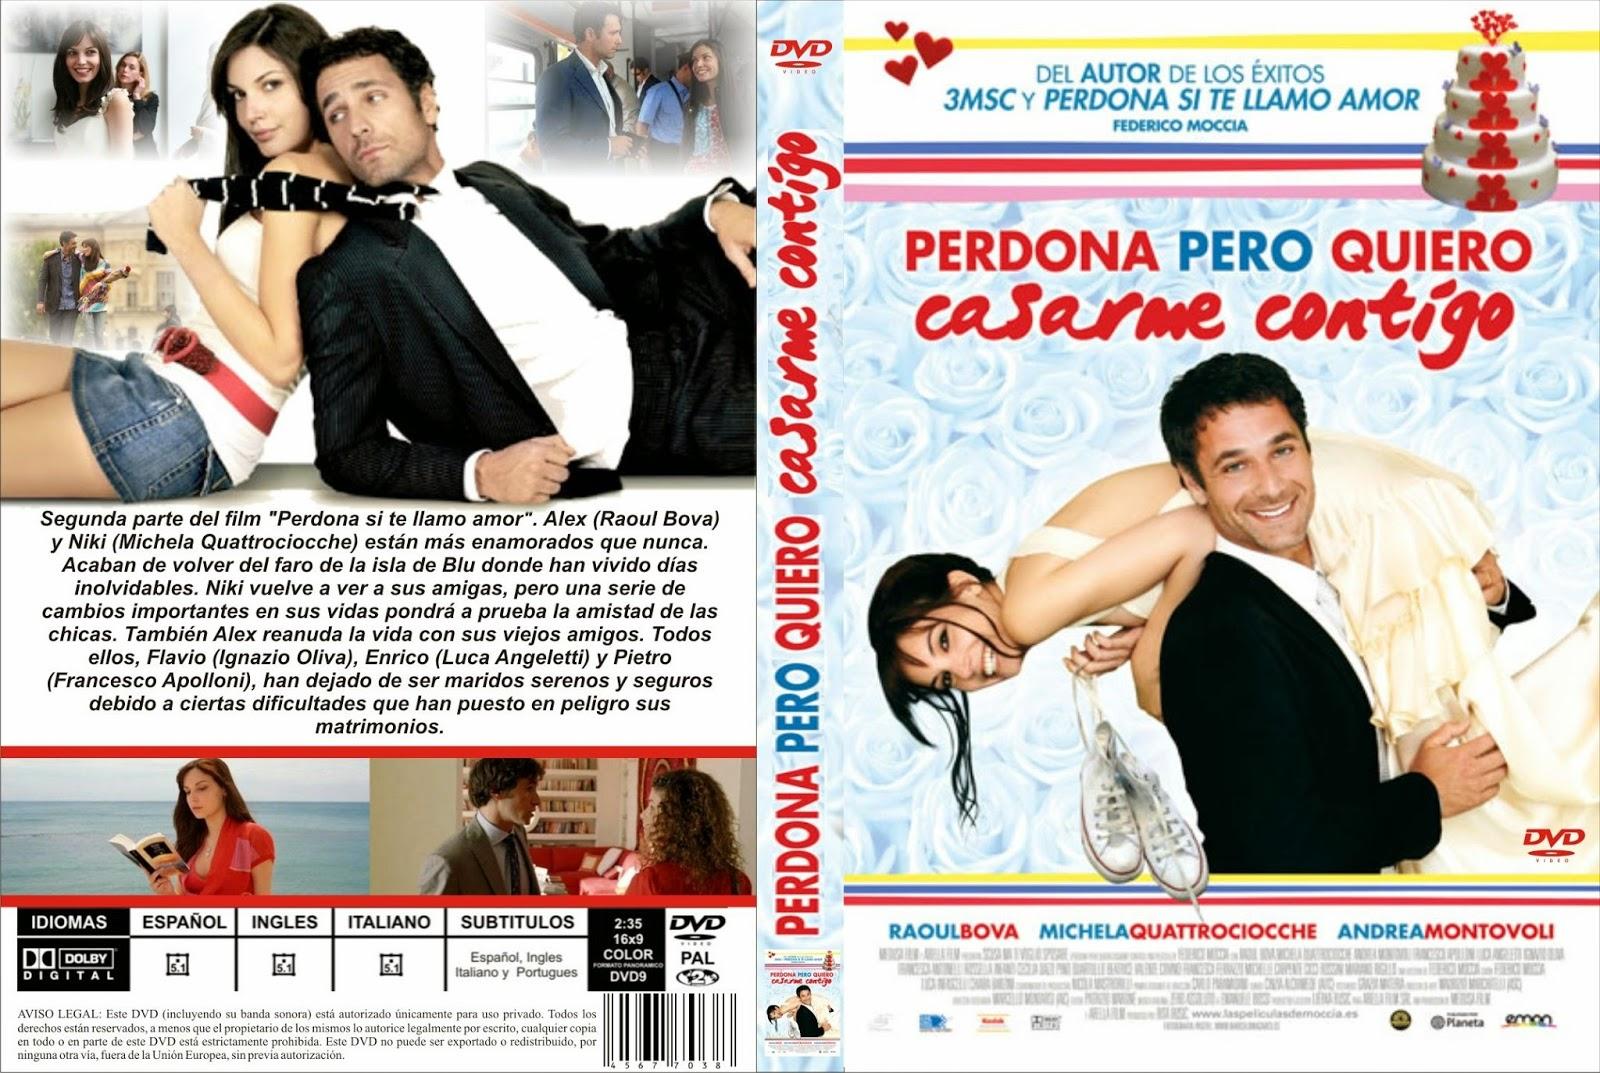 Perdona Pero Quiero Casarme Contigo DVD